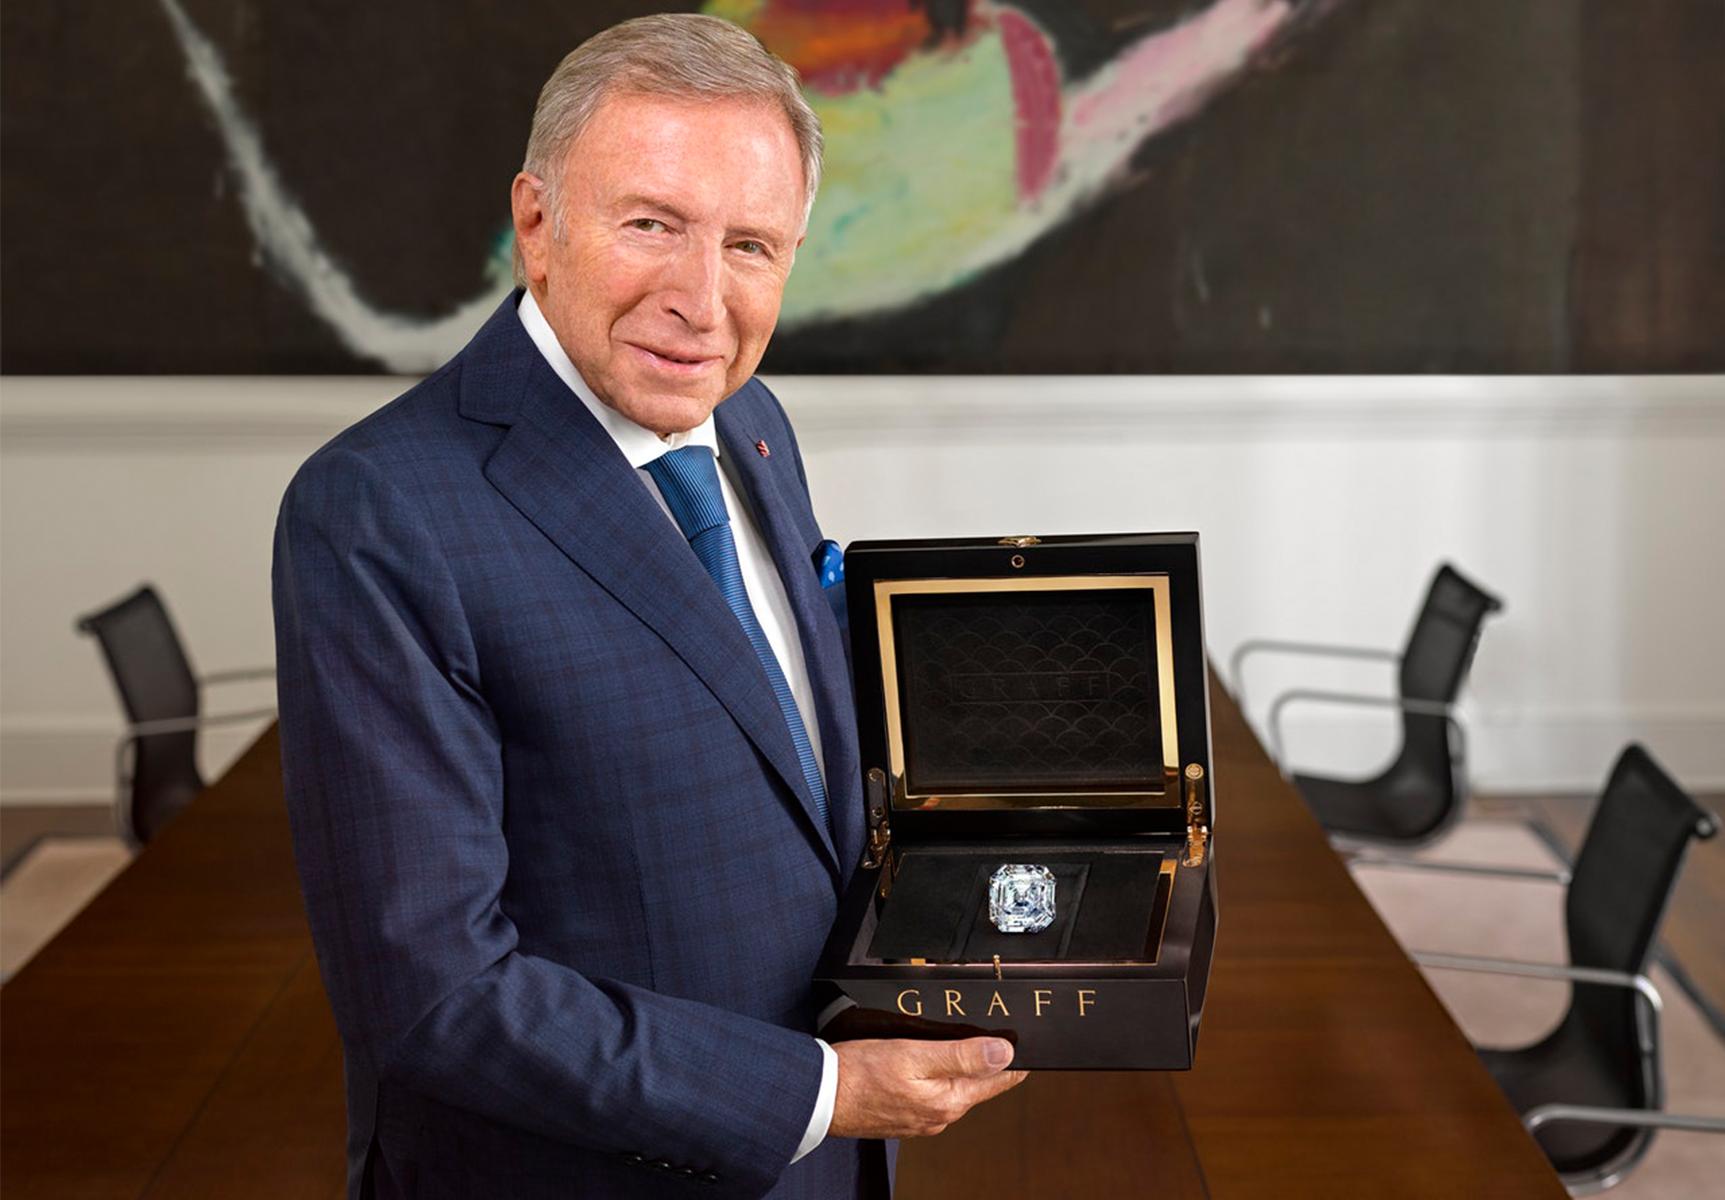 Londyński jubiler Laurence Graff właściciel Graff Diamonds